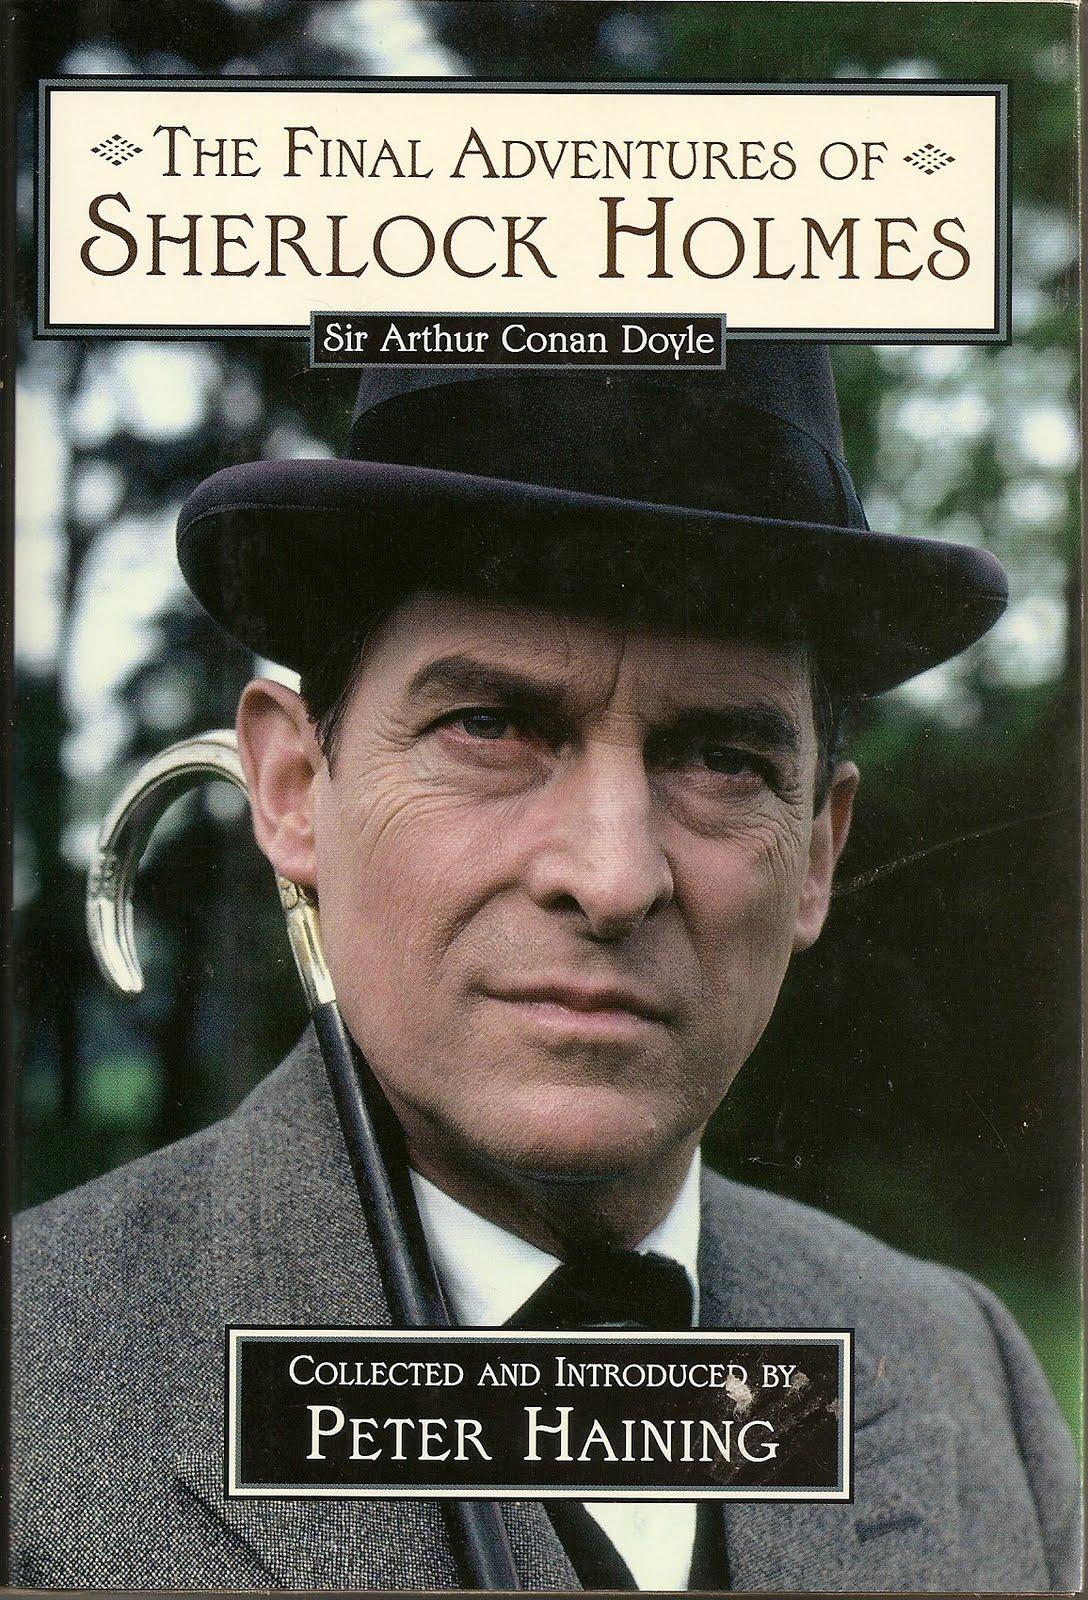 Jeremy Brett in The Return of Sherlock Holmes (1986)